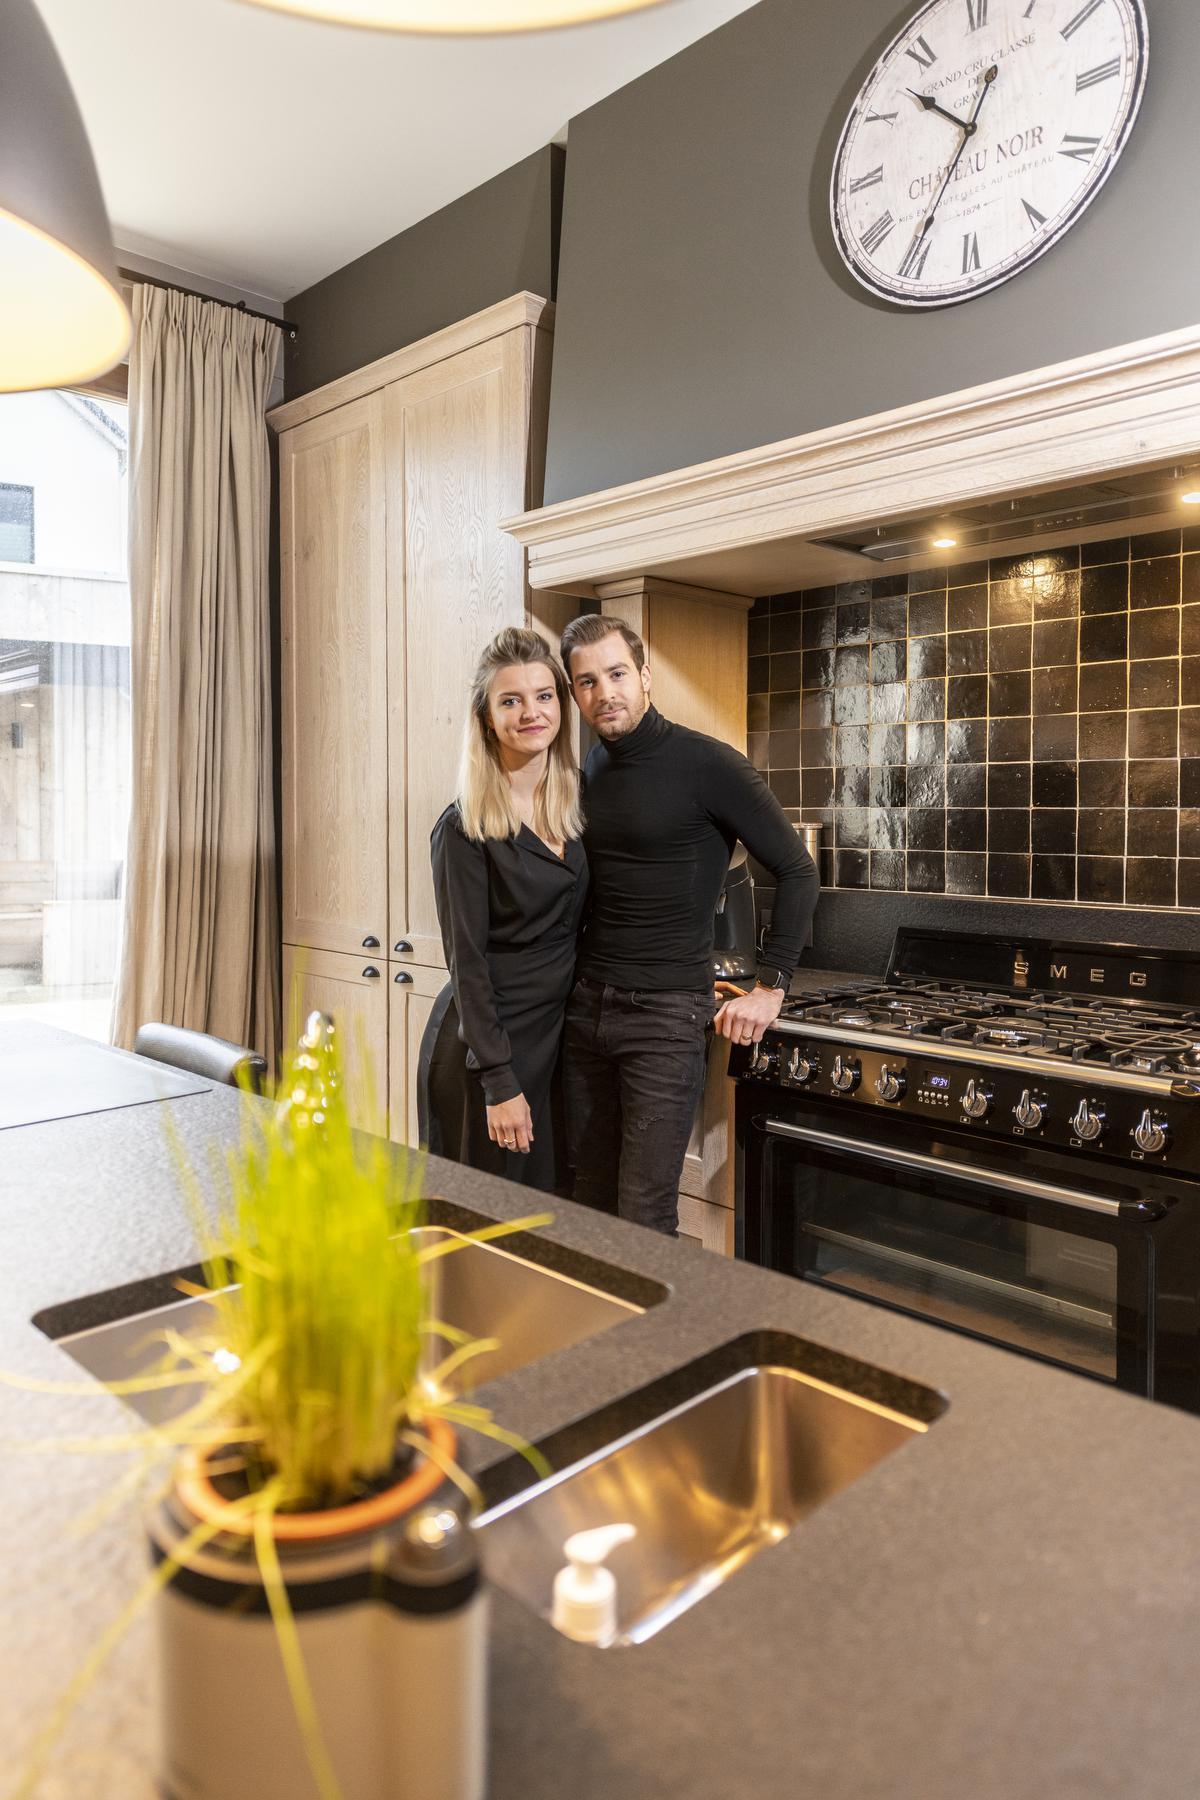 Tahnee en Arne gingen voor een modern interieur, dat qua stijl het midden houdt tussen landelijk en industrieel.© Pieter Clicteur